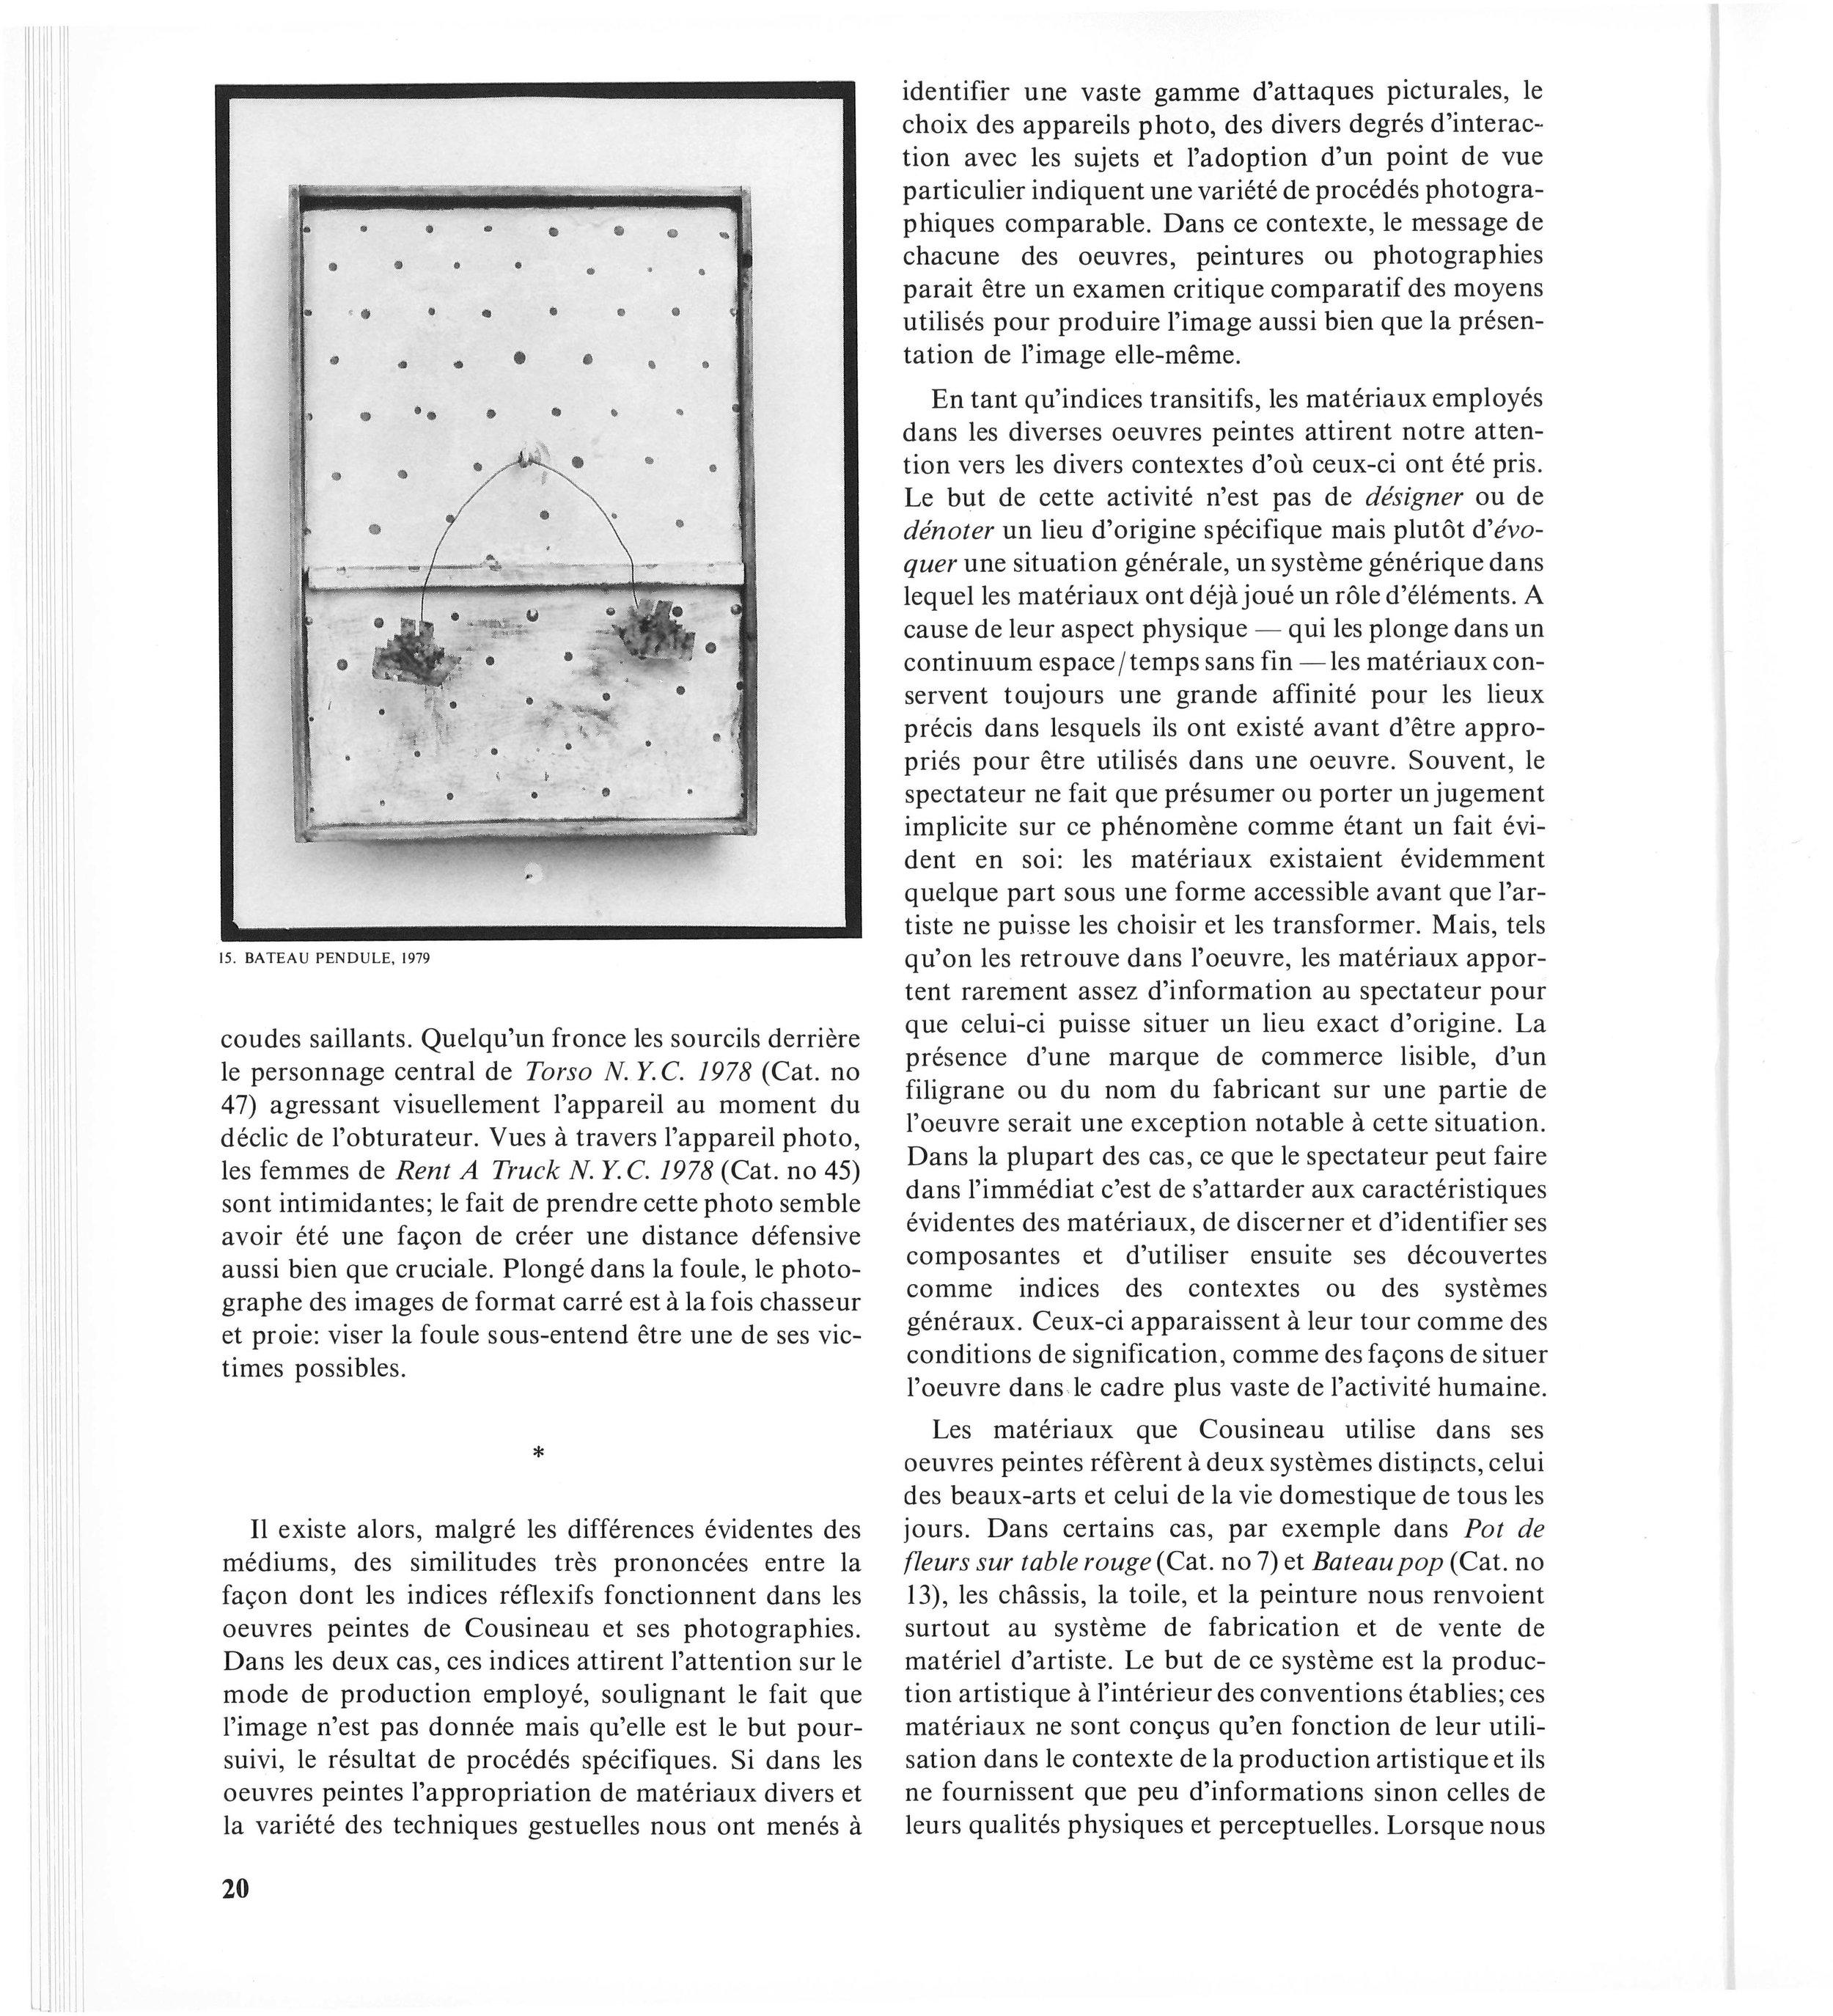 DOC012.jpg